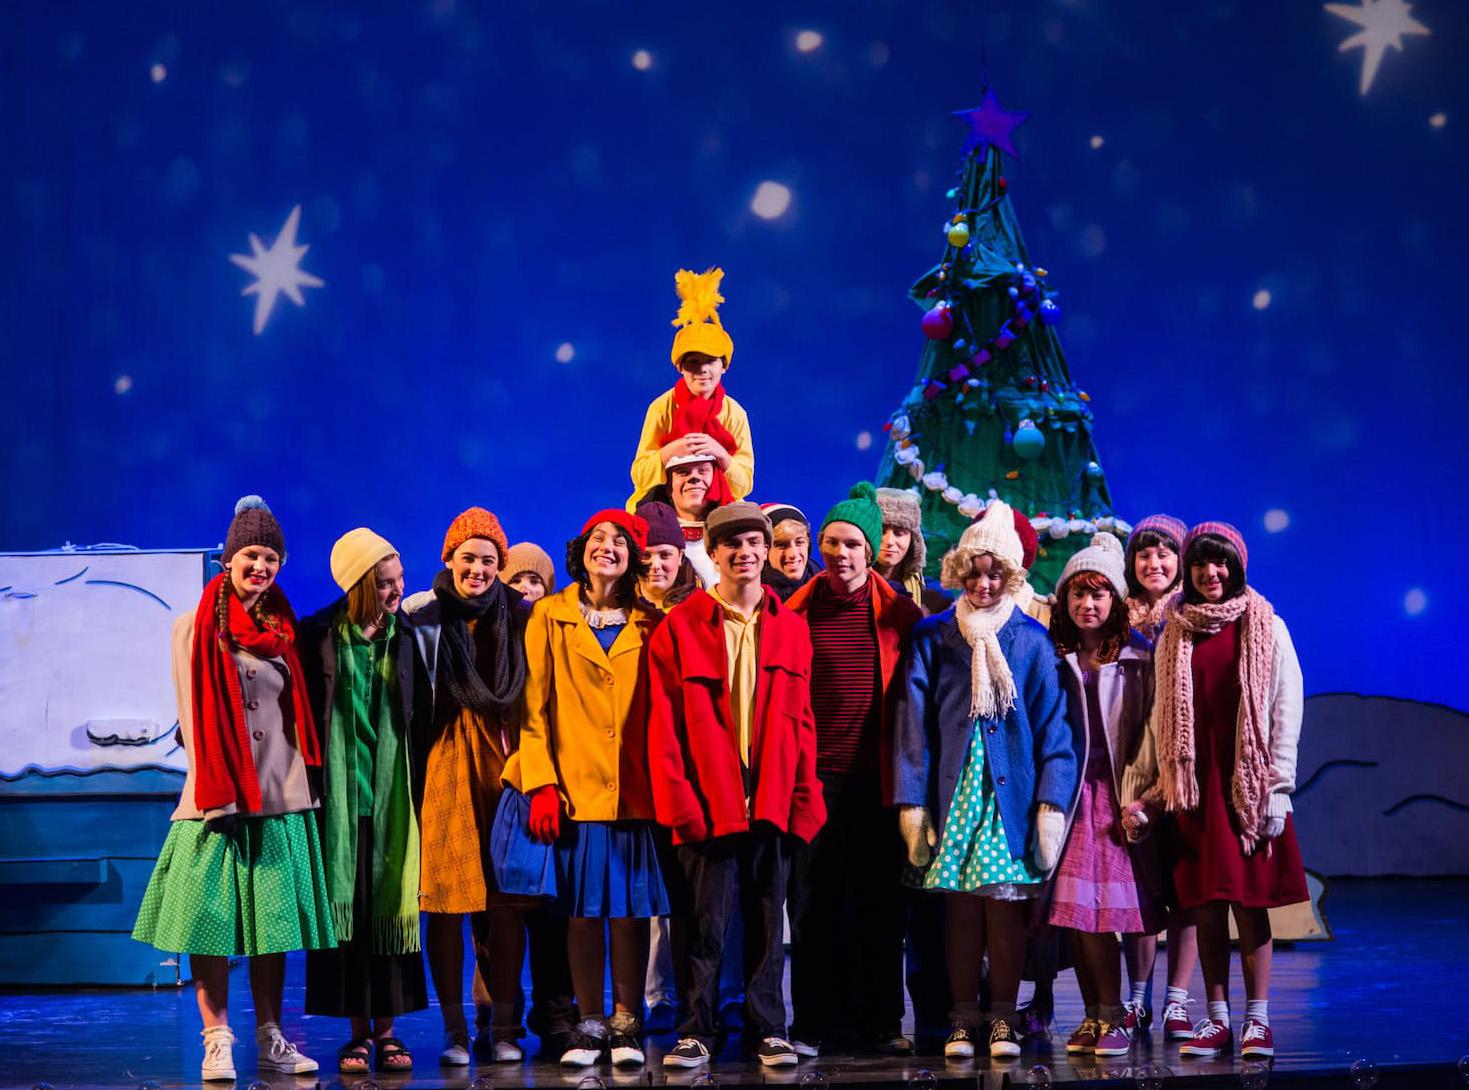 Photo Credit: Boston Children's Theatre